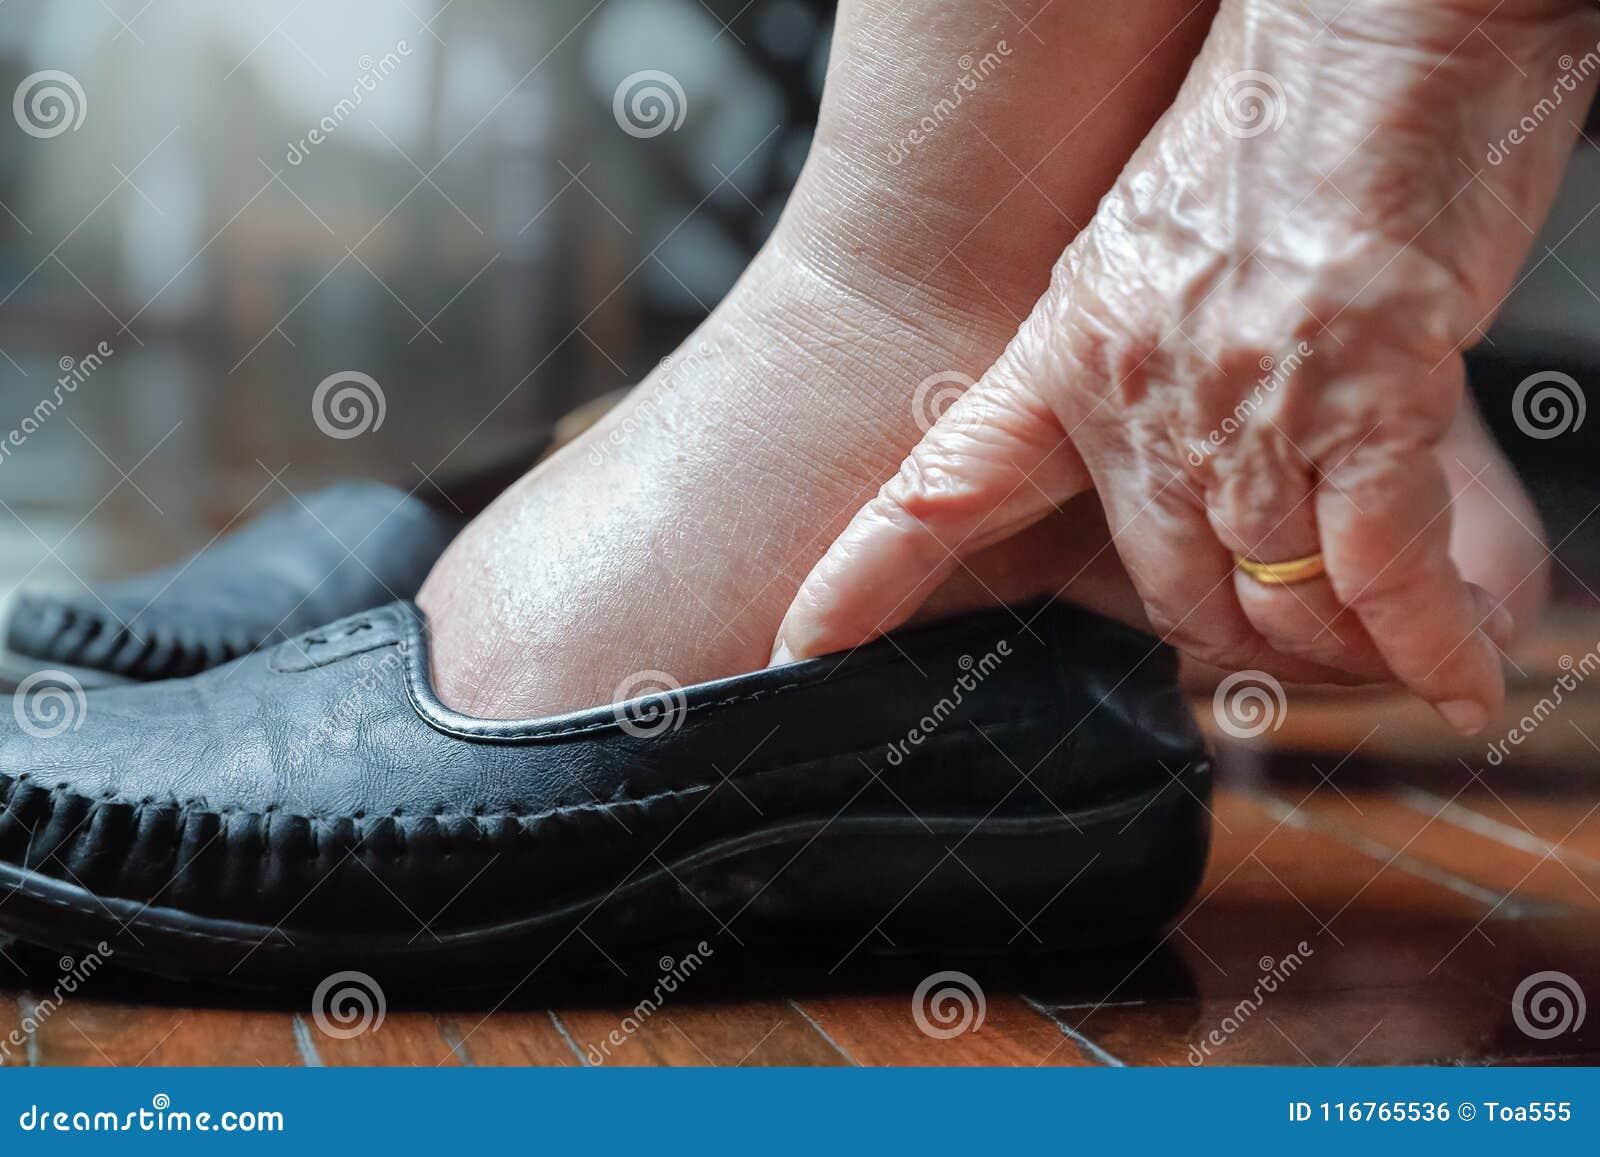 Pieds Mettant Chaussures Gonflés Photo Stock Par Femme Agée Sur Des kXZTwiOPu